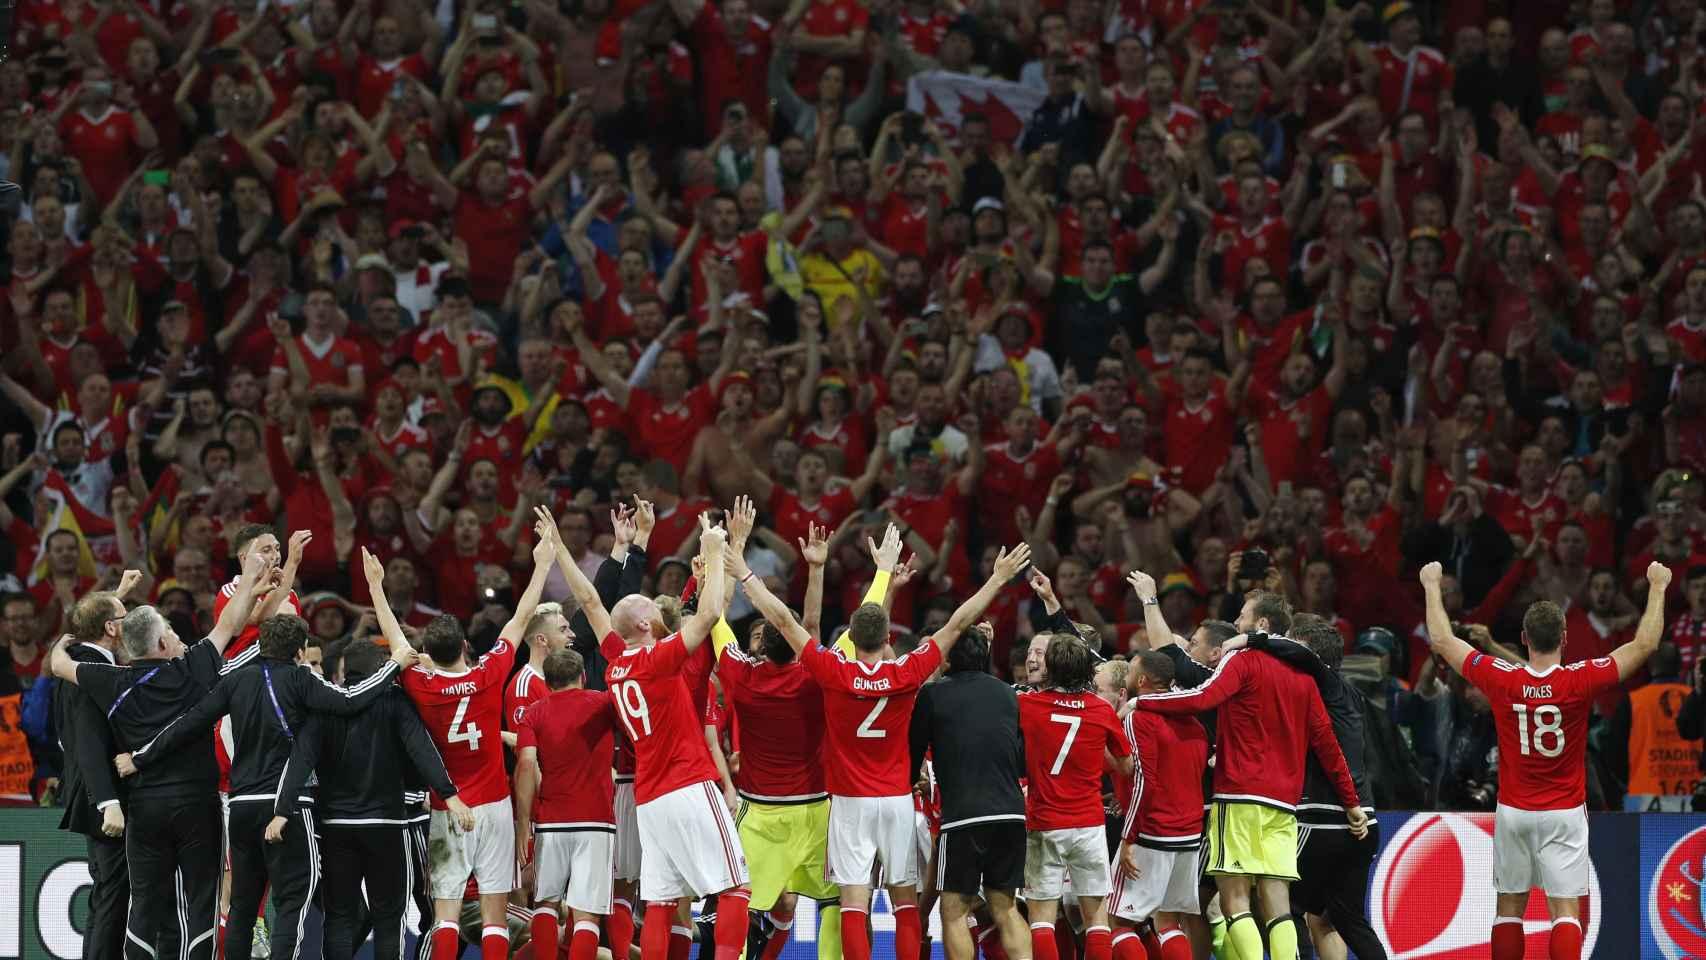 La selección galesa celebra el pase a semifinales con su afición.